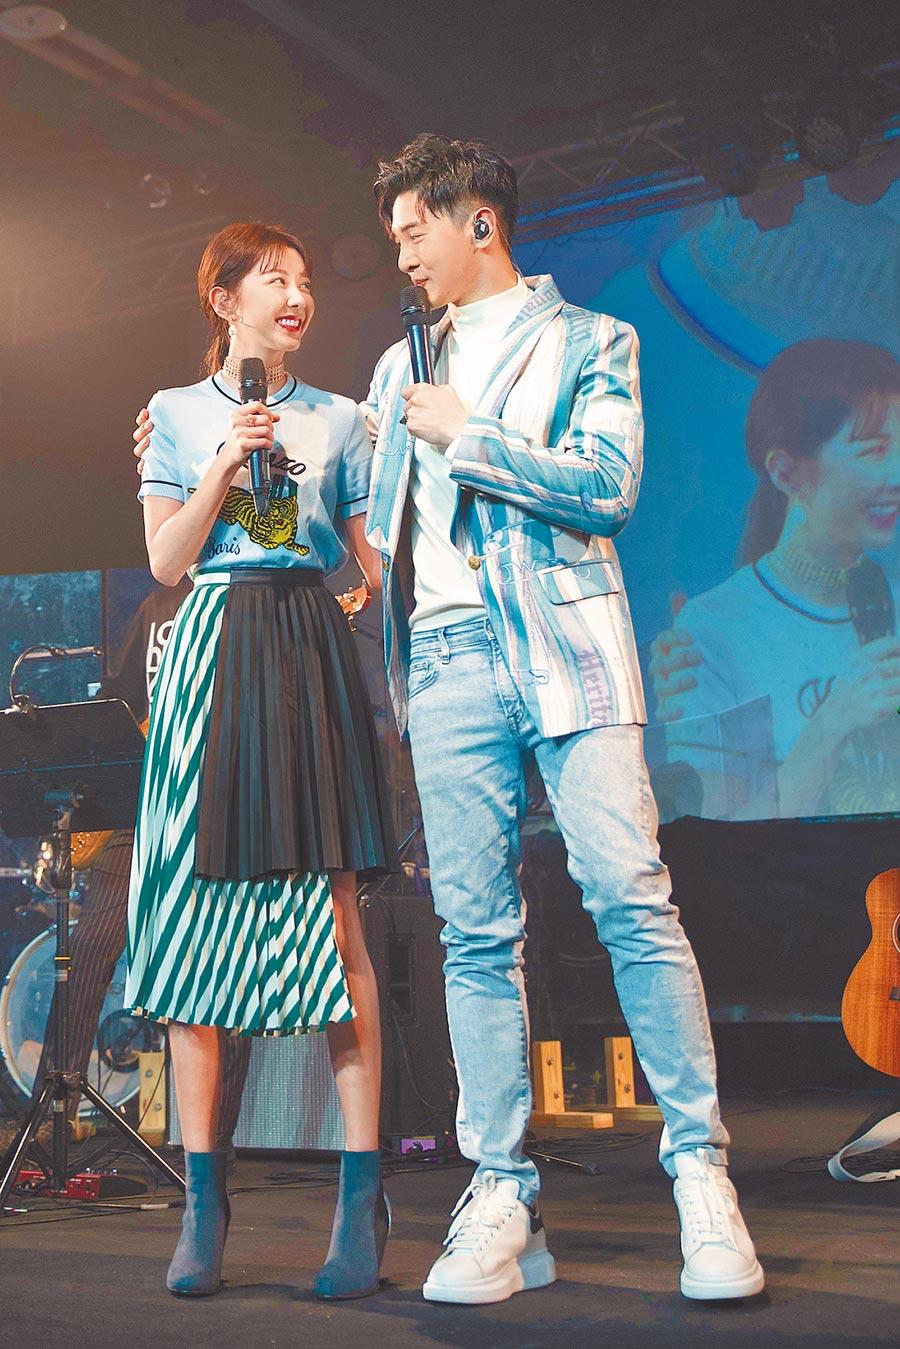 邵雨薇日前为前男友张立昂演唱会站台合唱。